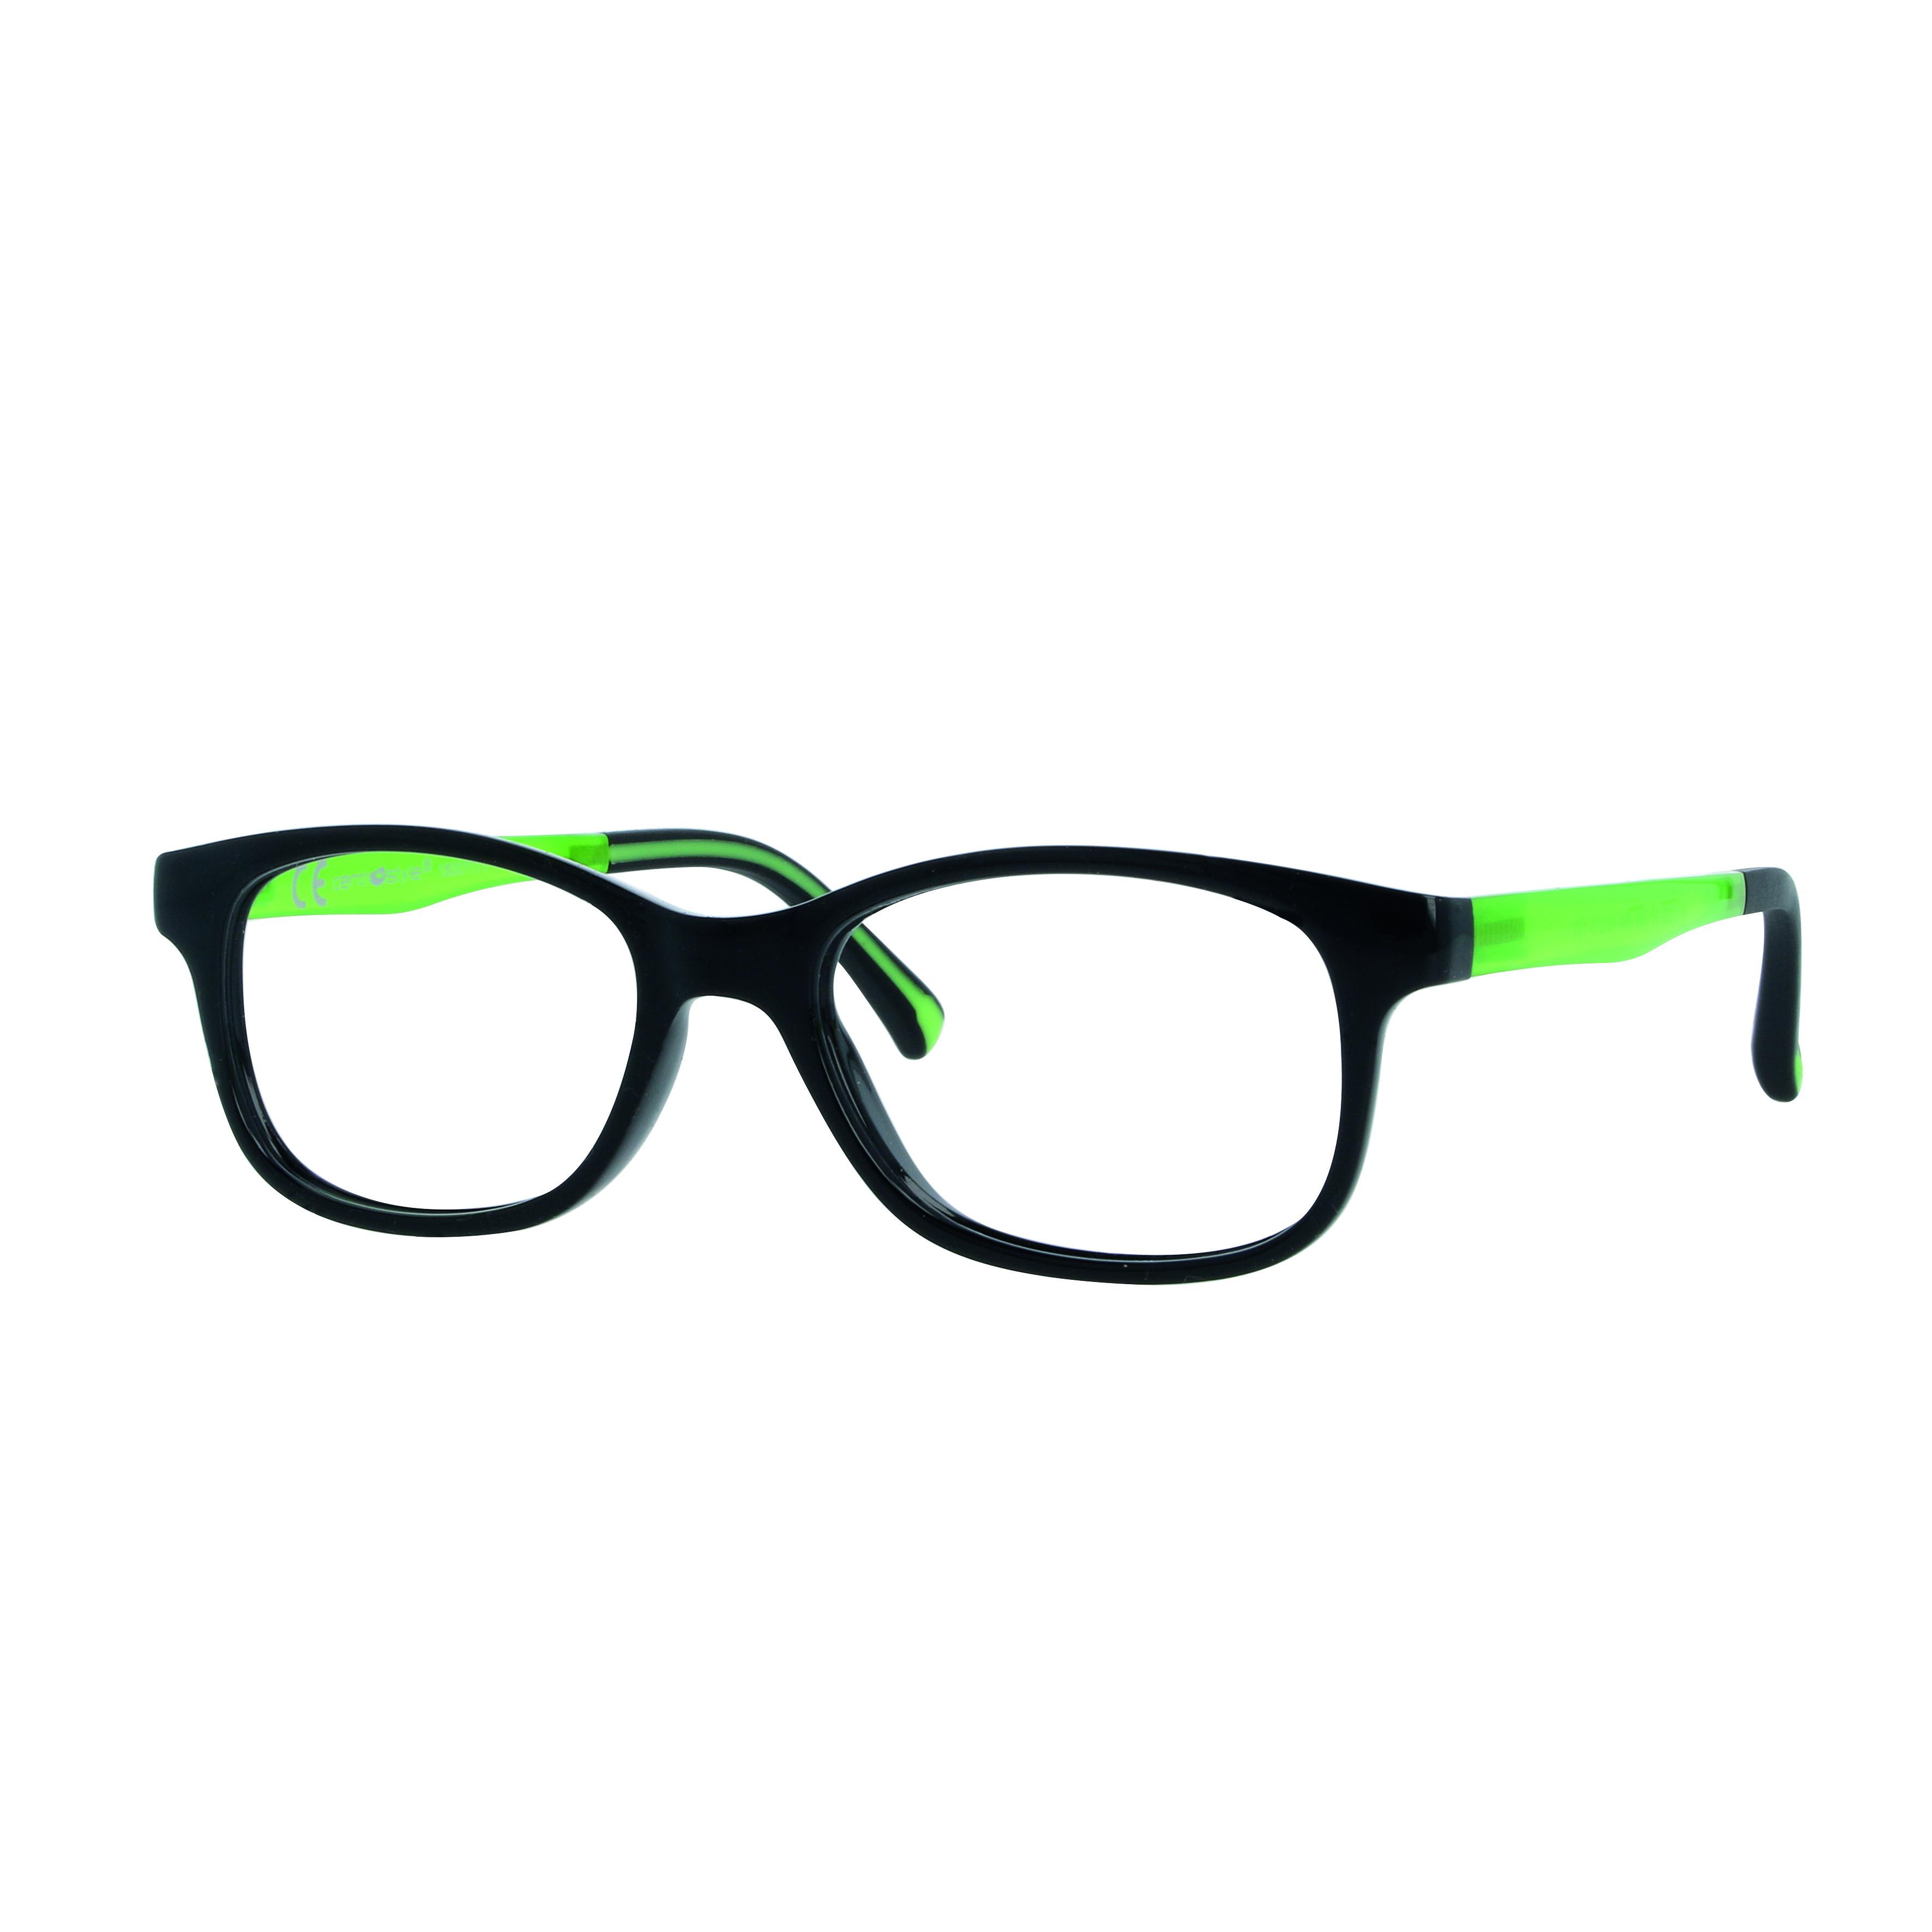 02F012944228000 - Armação Active Colours (5) 44x15 Preto/Verde Mod F012944228000 - Contém 1 Peça